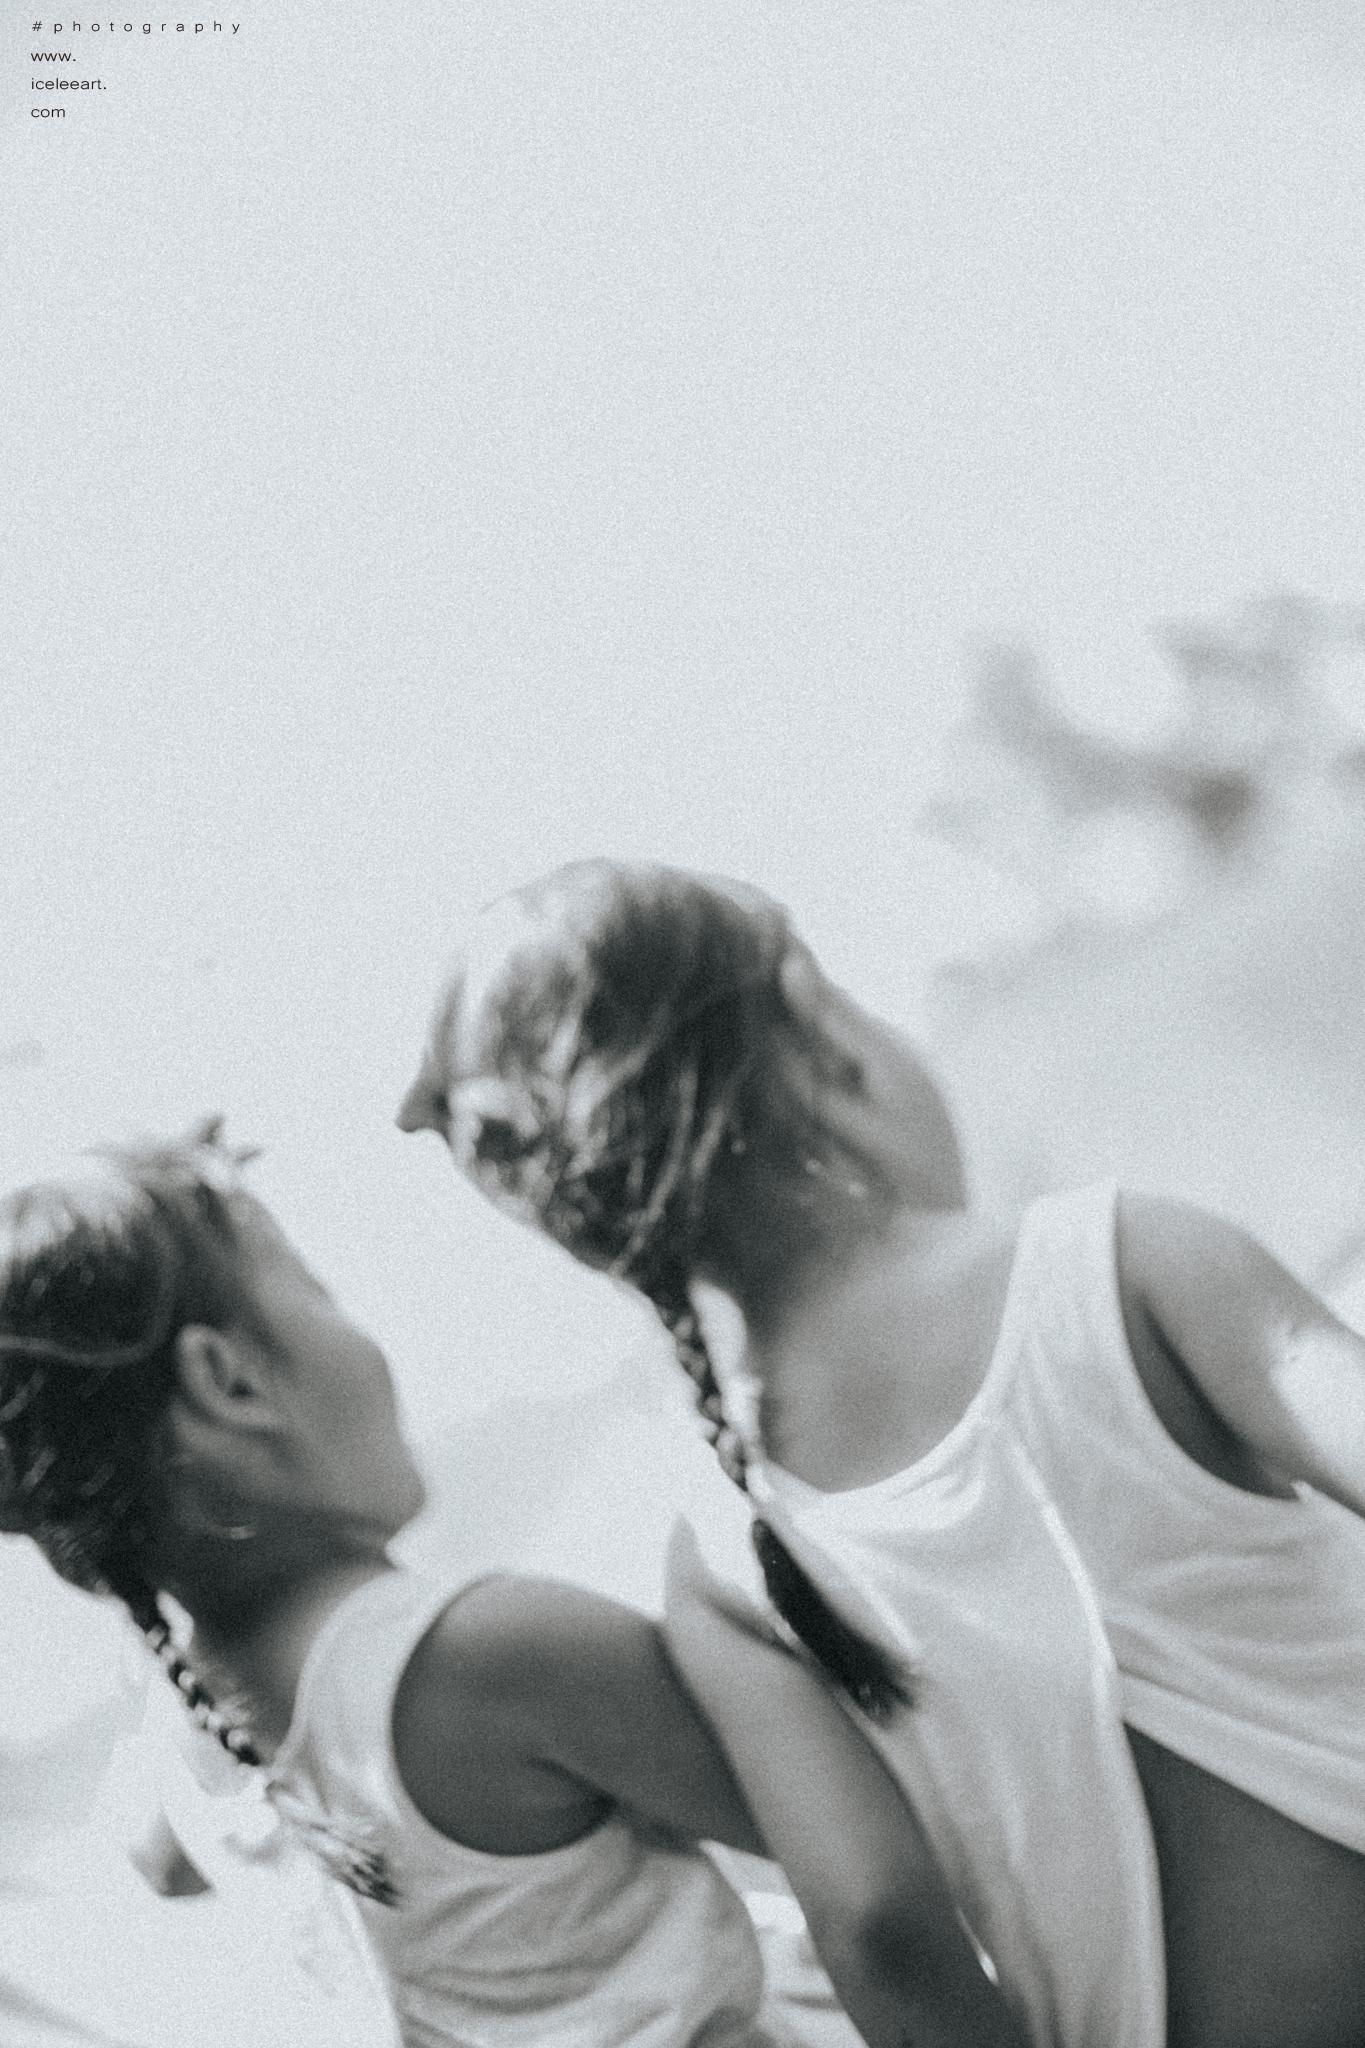 樁萱農場,全家福攝影,婚攝推薦,婚攝價格,親子寫真